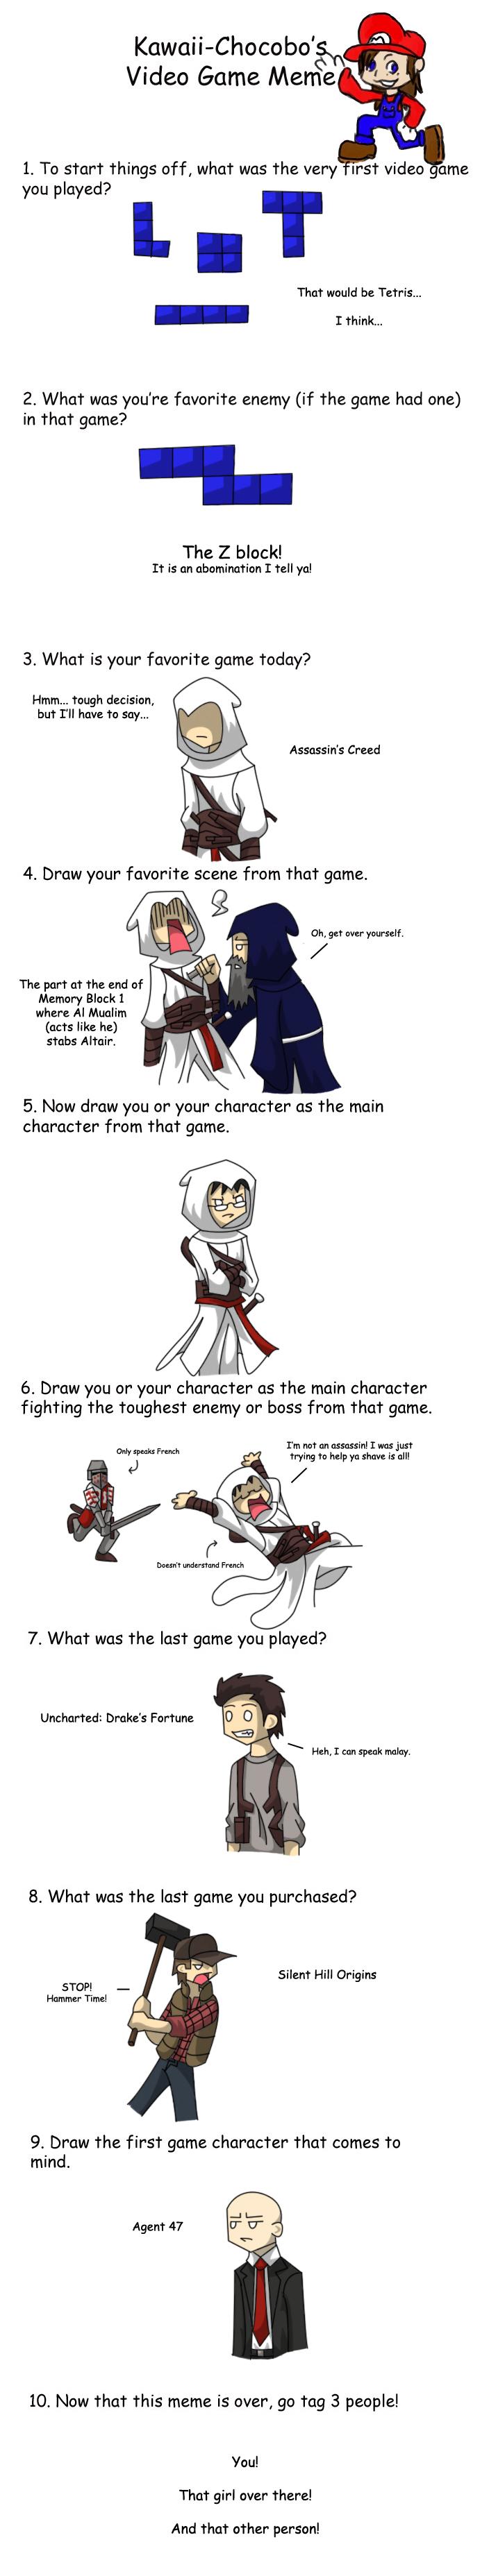 Teh Game Meme by dinorap19